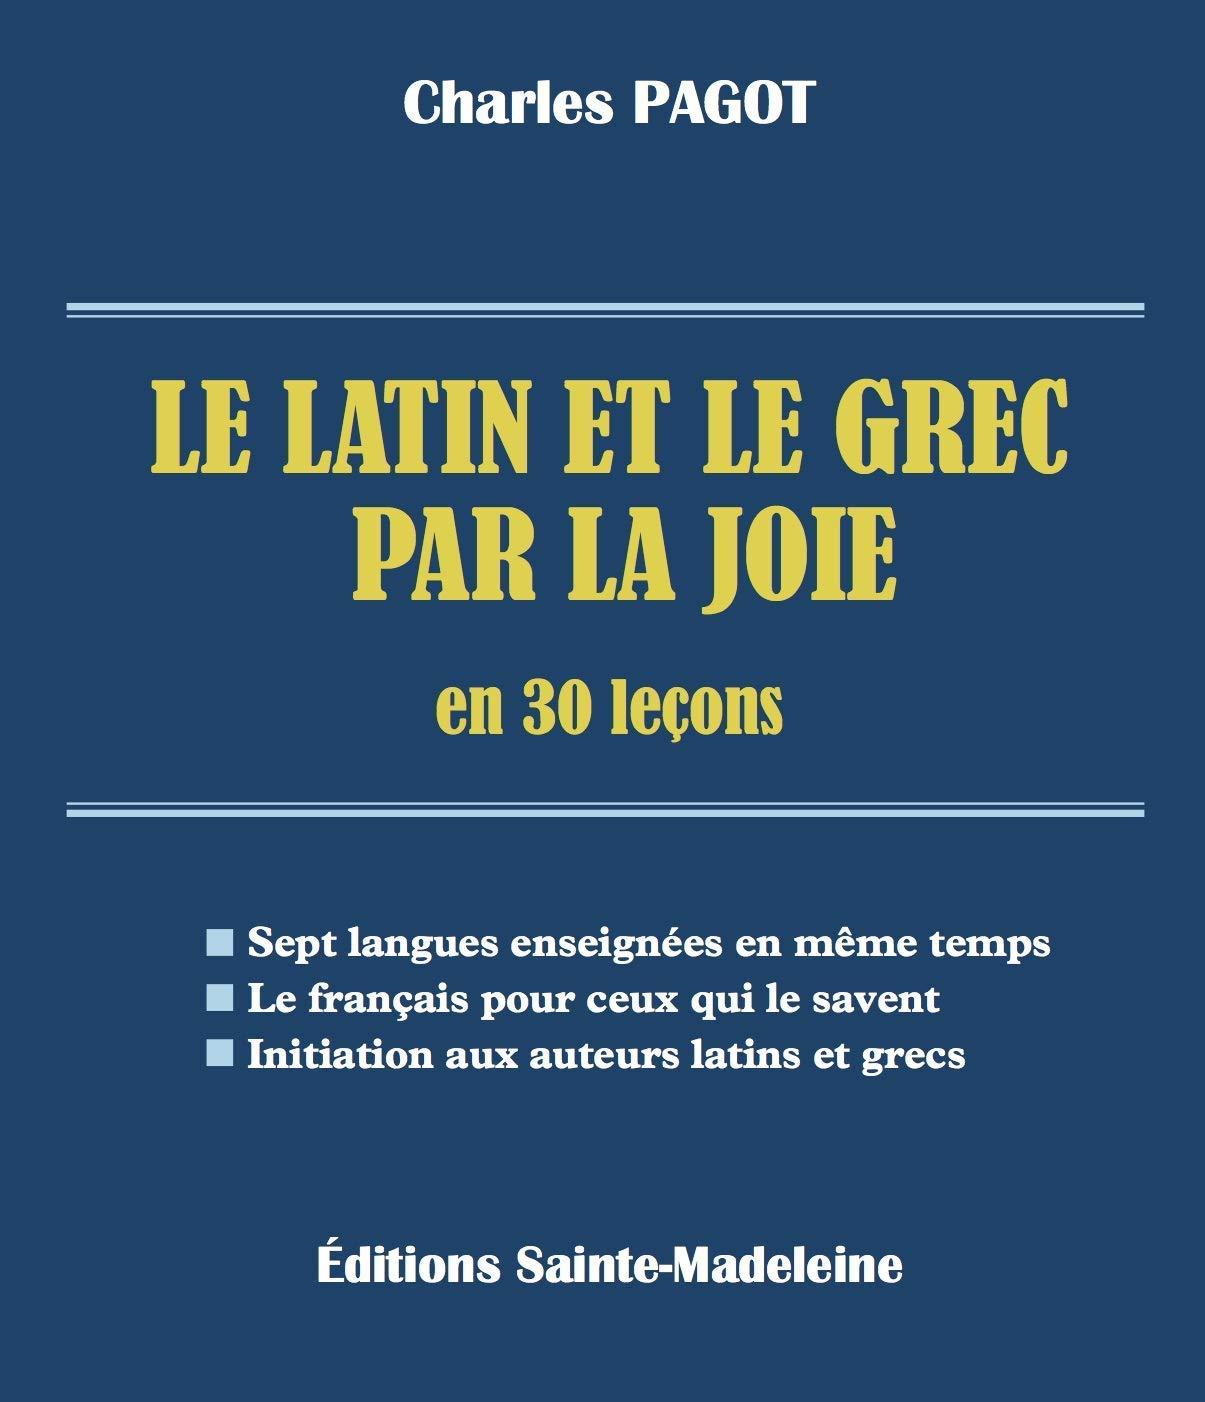 Le latin et le grec par la joie en 30 leçons Broché – 2 août 2018 Charles Pagot Editions Sainte-Madeleine 2372880136 Catéchèse